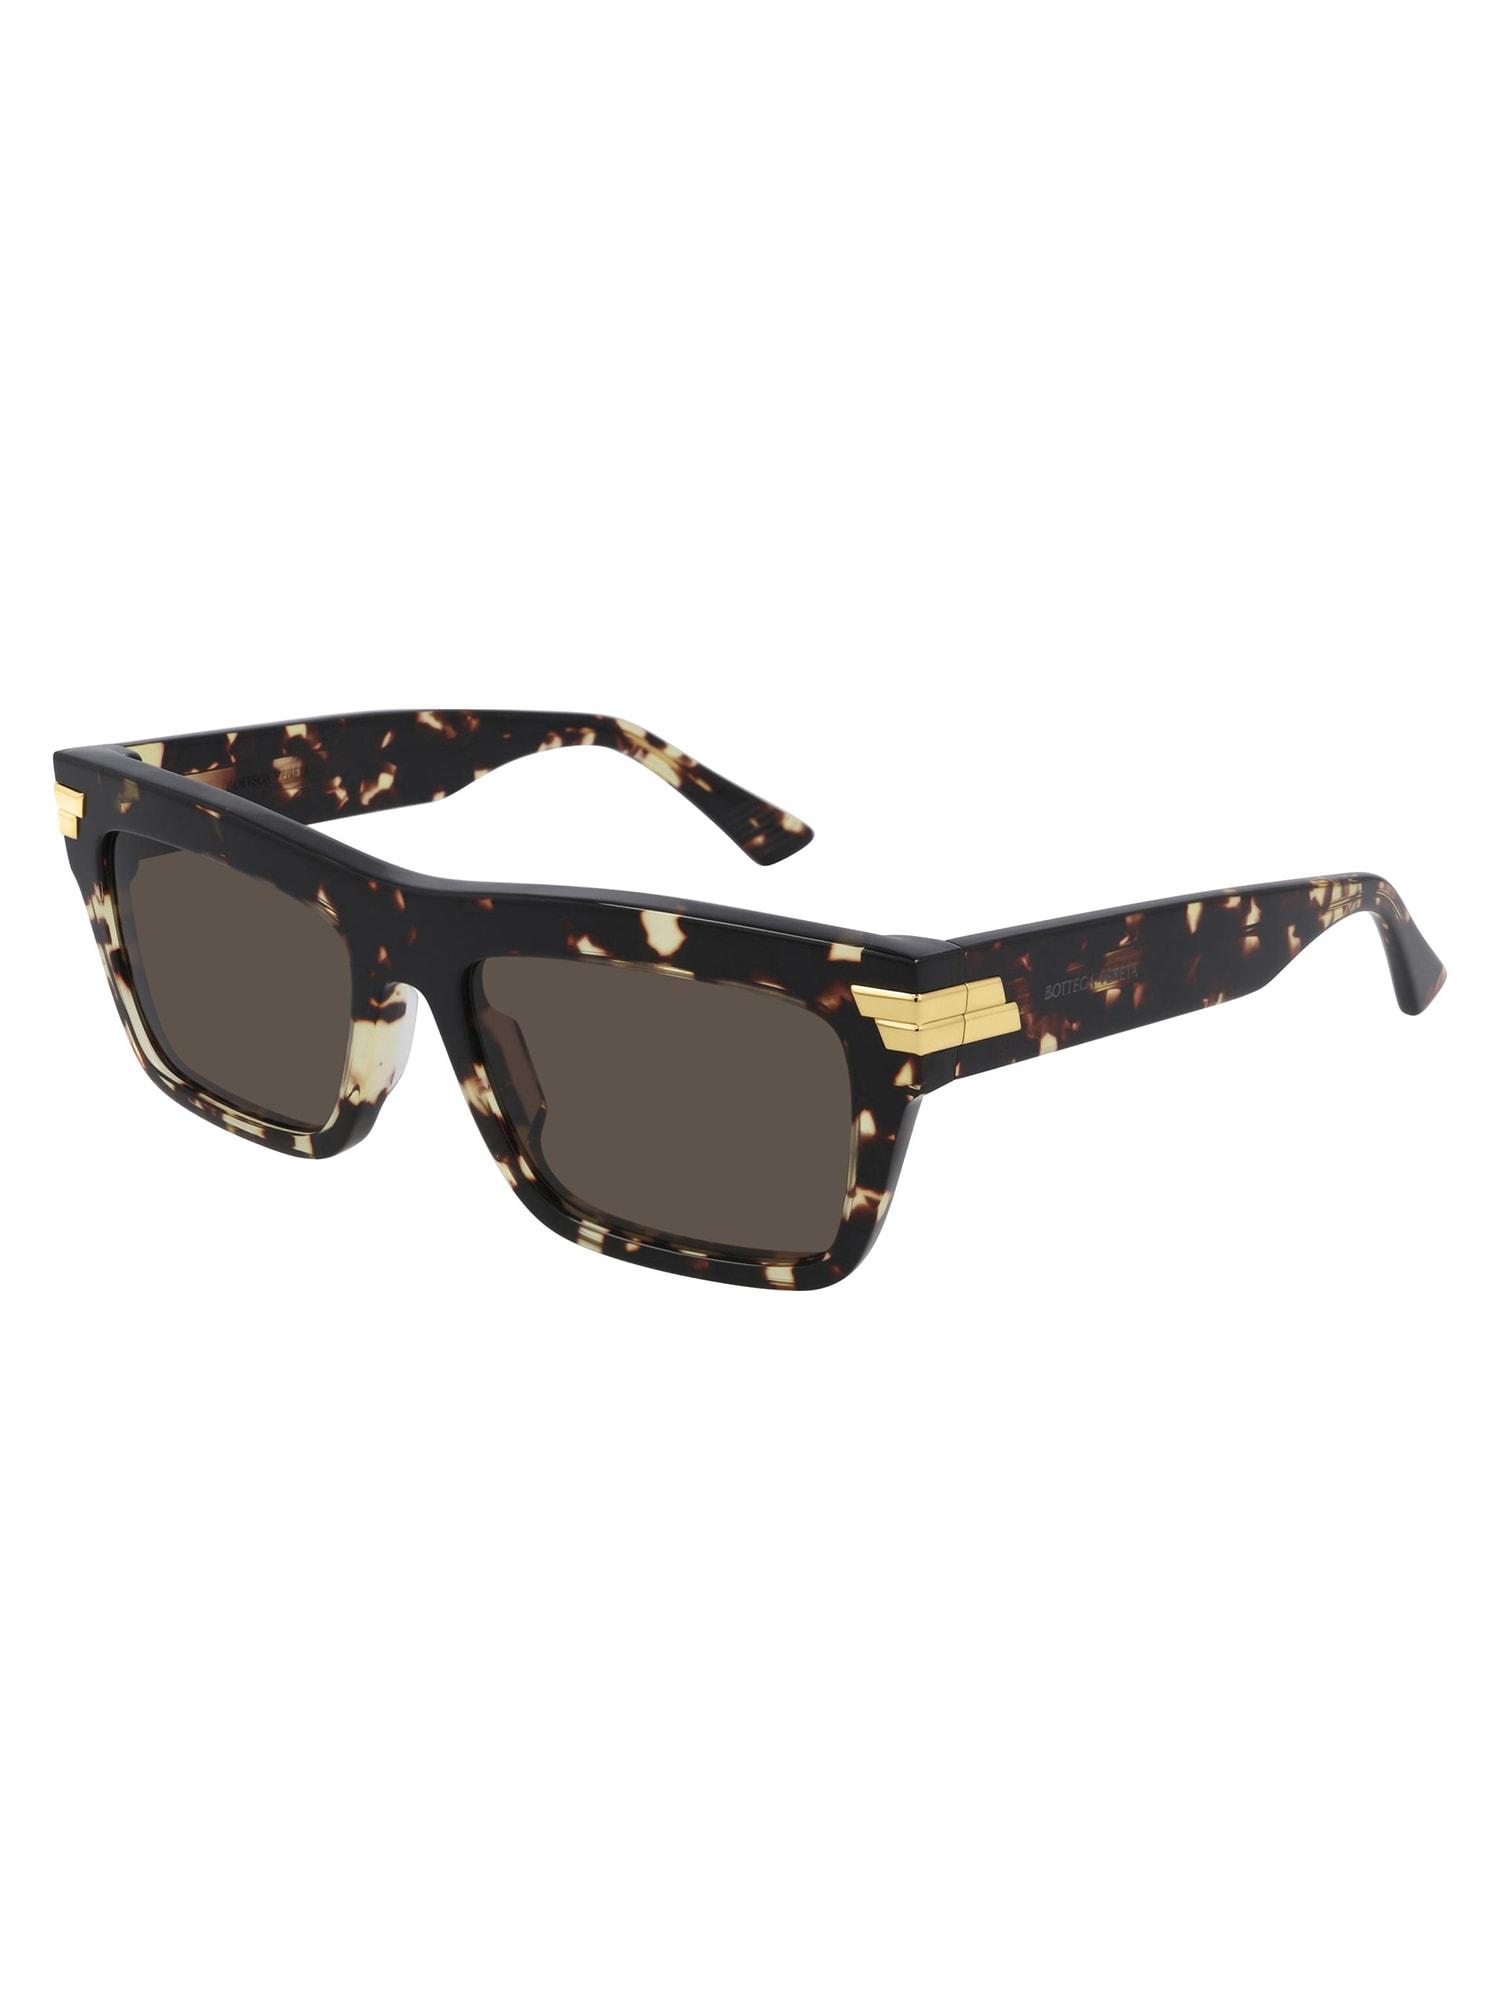 Bottega Veneta BV1058S Sunglasses